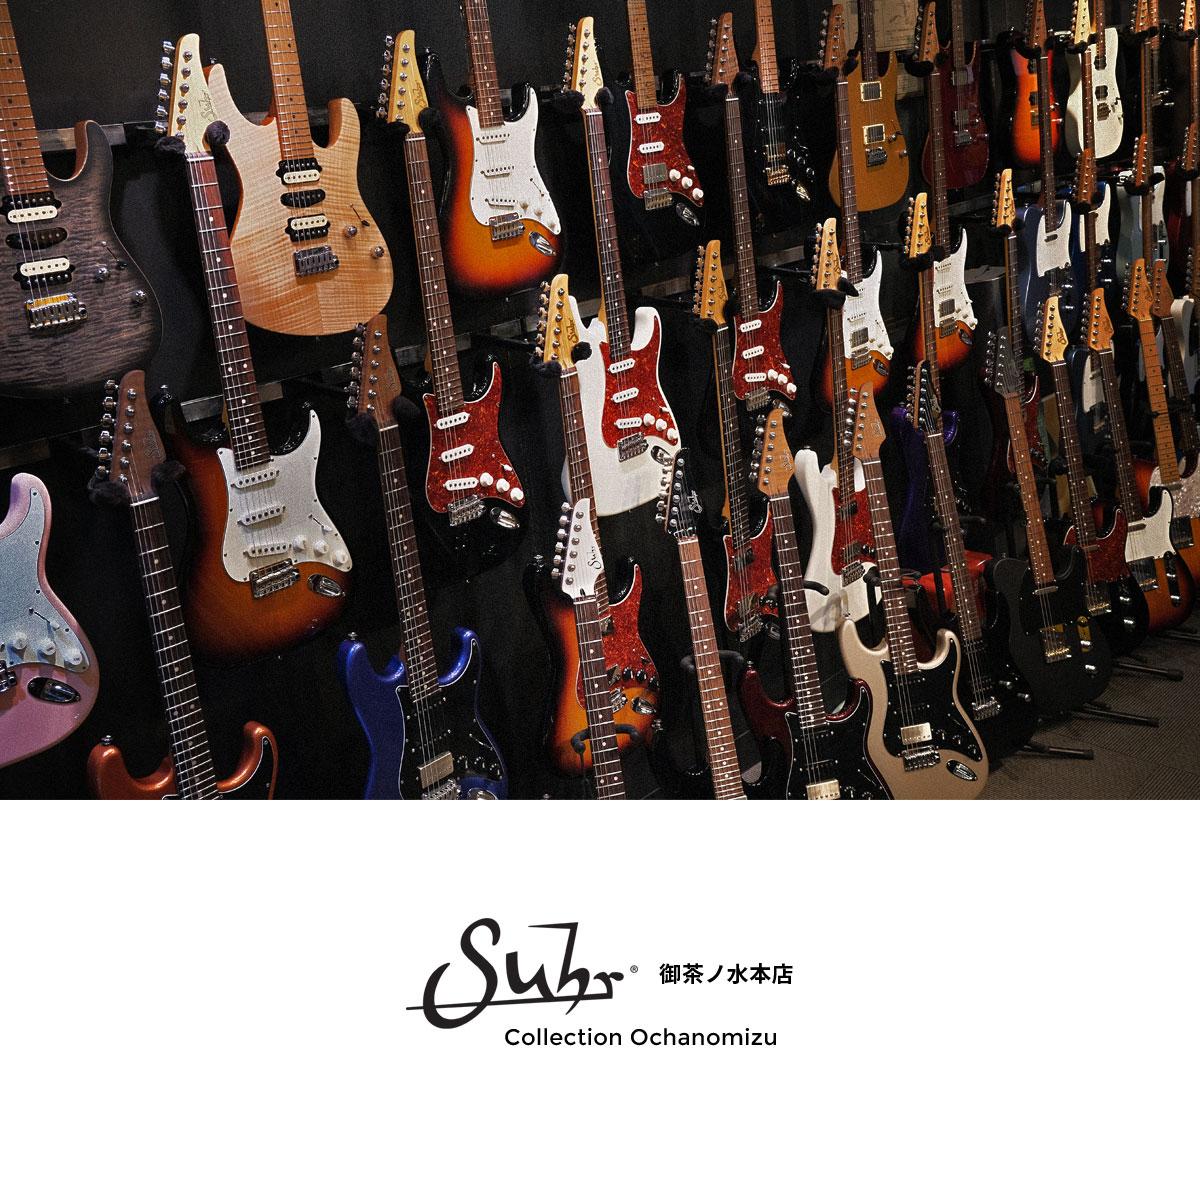 御茶ノ水本店 Suhr Guitars サー・ギターズ